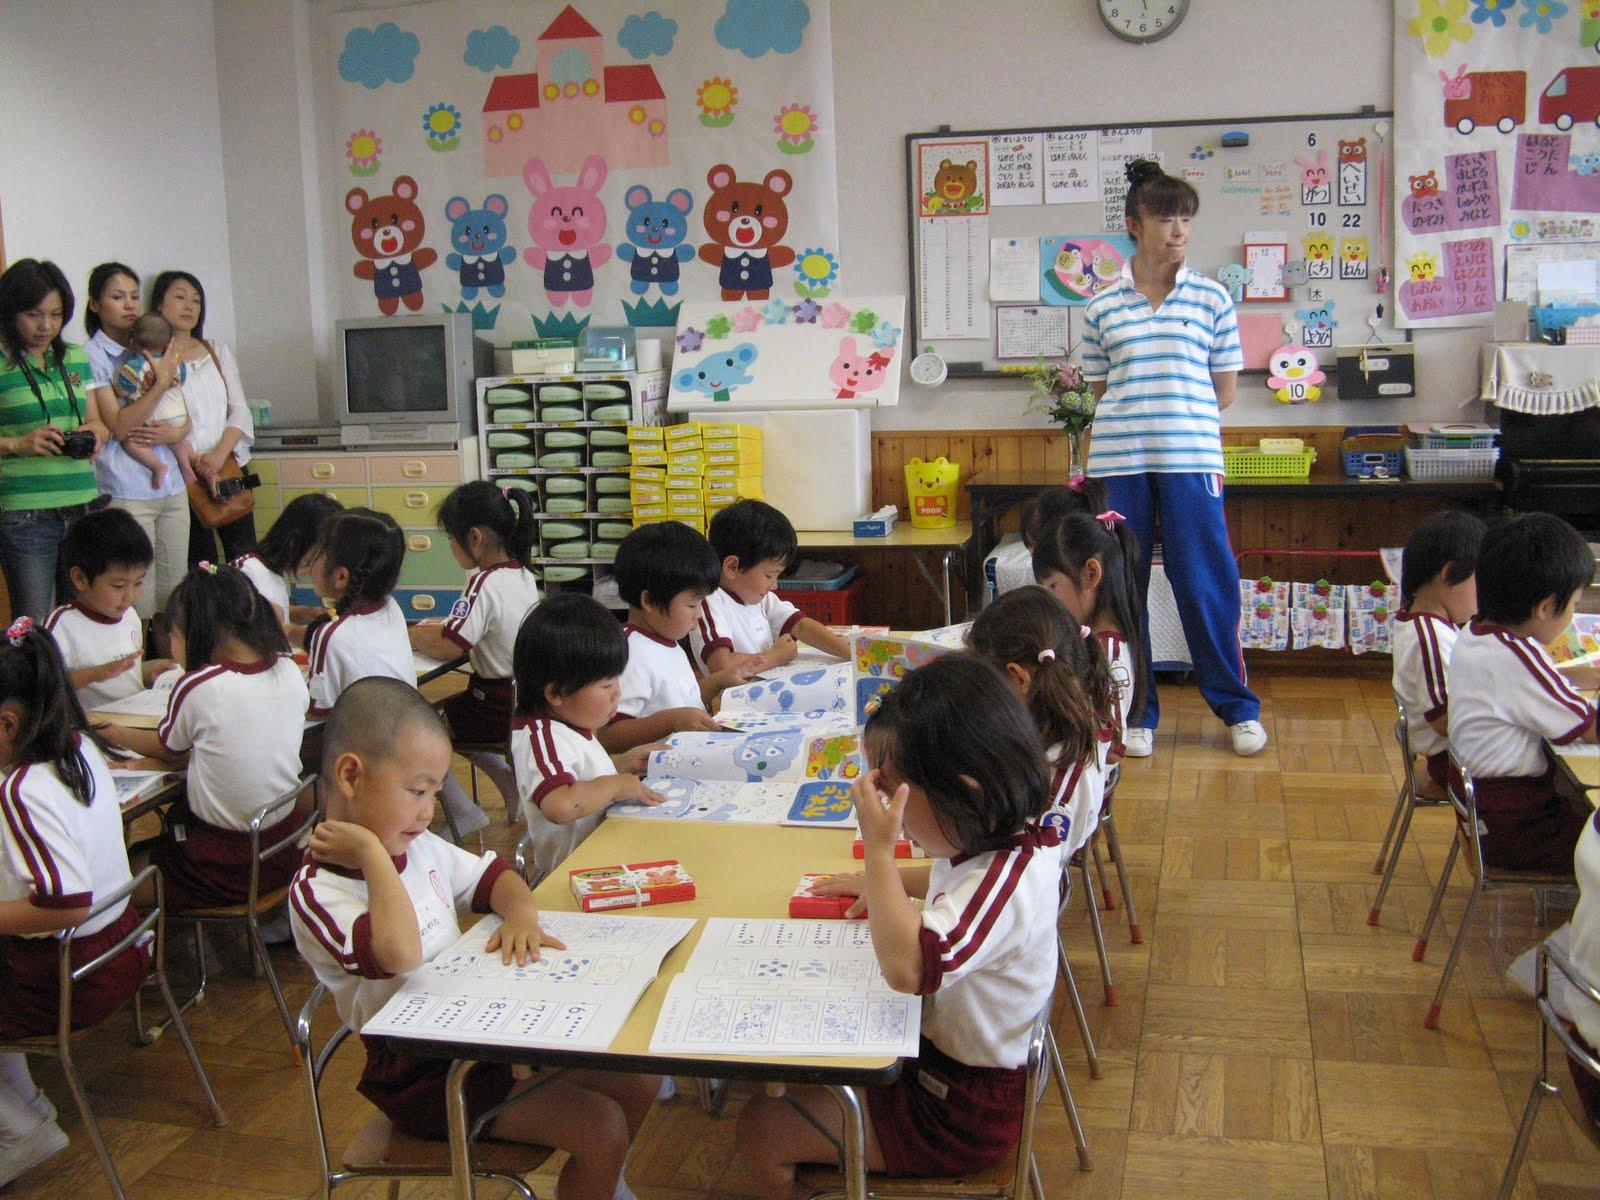 Kinder Garden: FIGING: Iruma Yochien (kindergarten